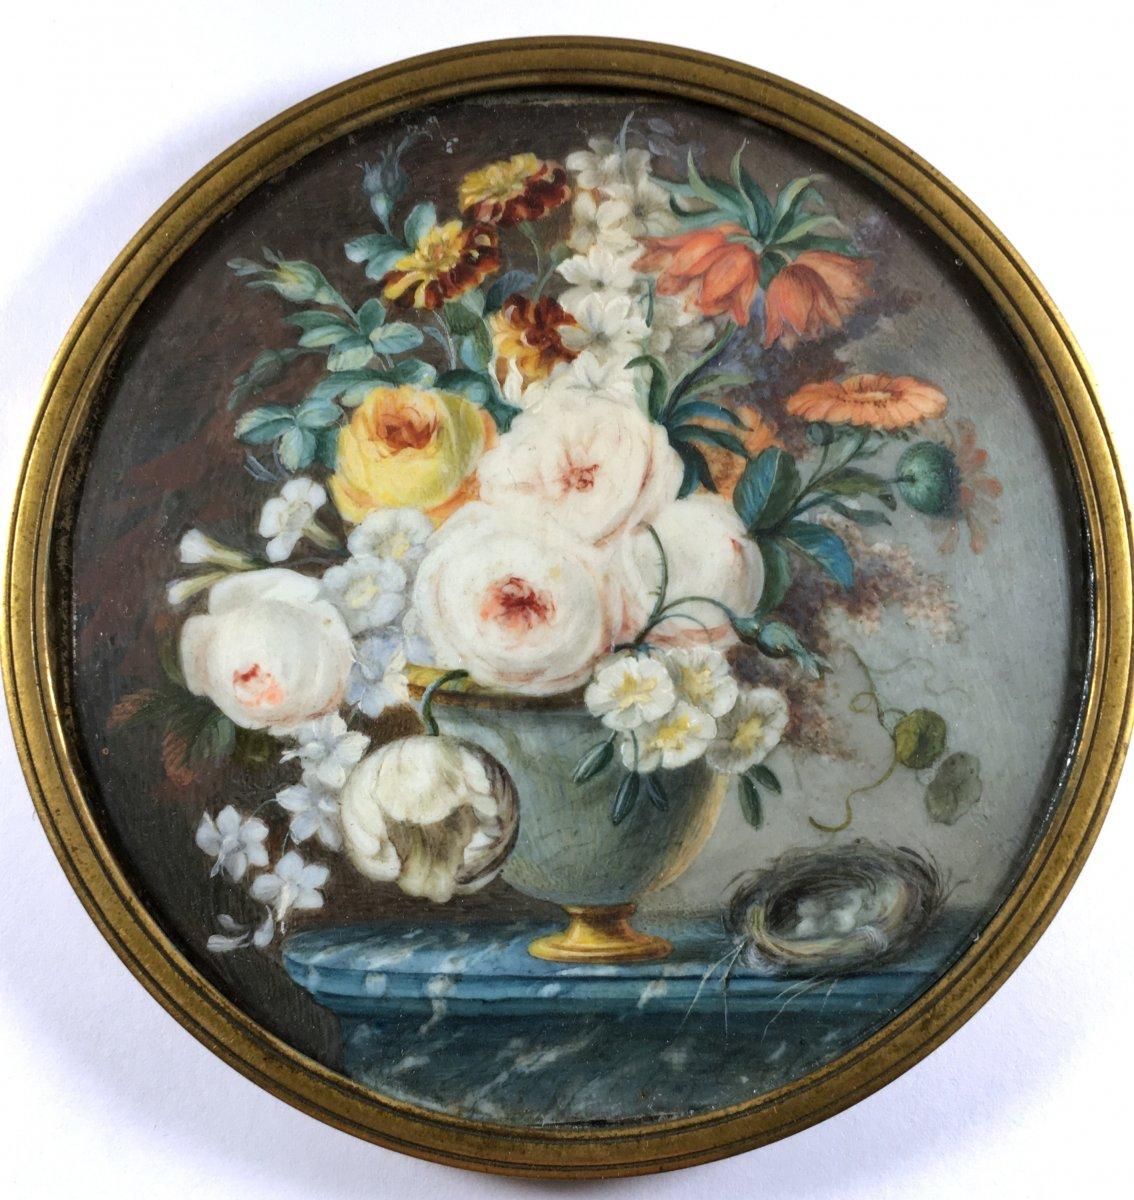 fleurs sur un entablement de marbre, miniature sur ivoire, fin XVIIIe siecle